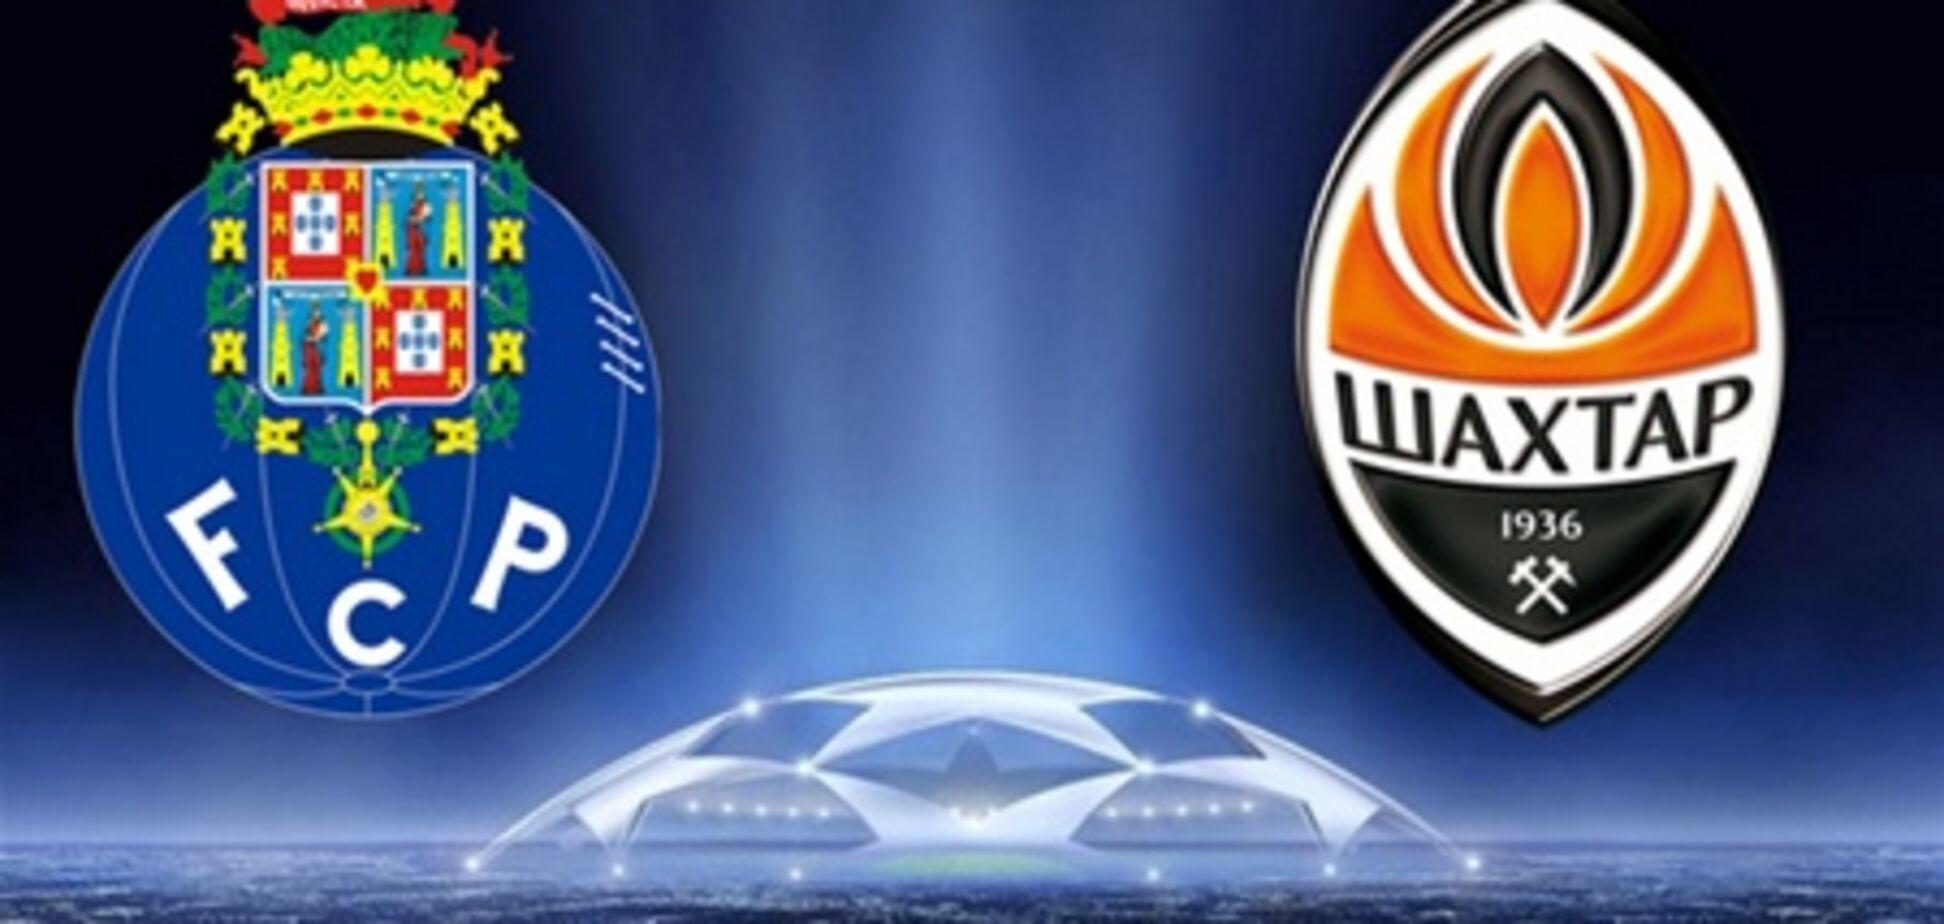 Сегодня матч Лиги чемпионов 'Порту' - 'Шахтер'. Превью поединка